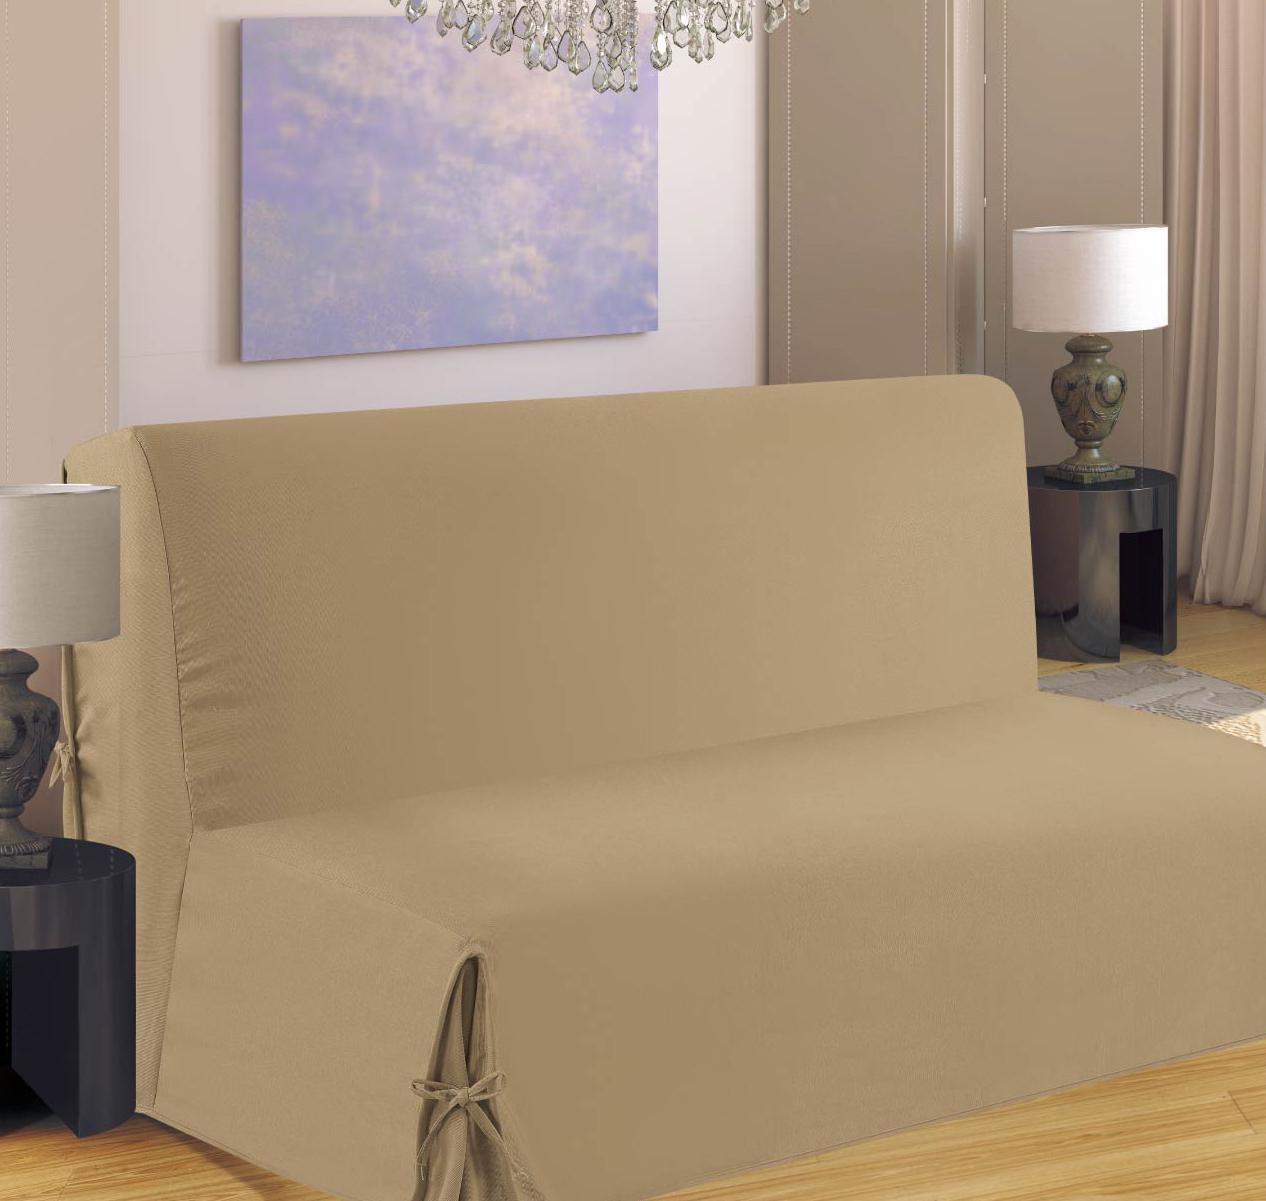 Housse de canapé pour BZ - Beige - 140 x 190 cm